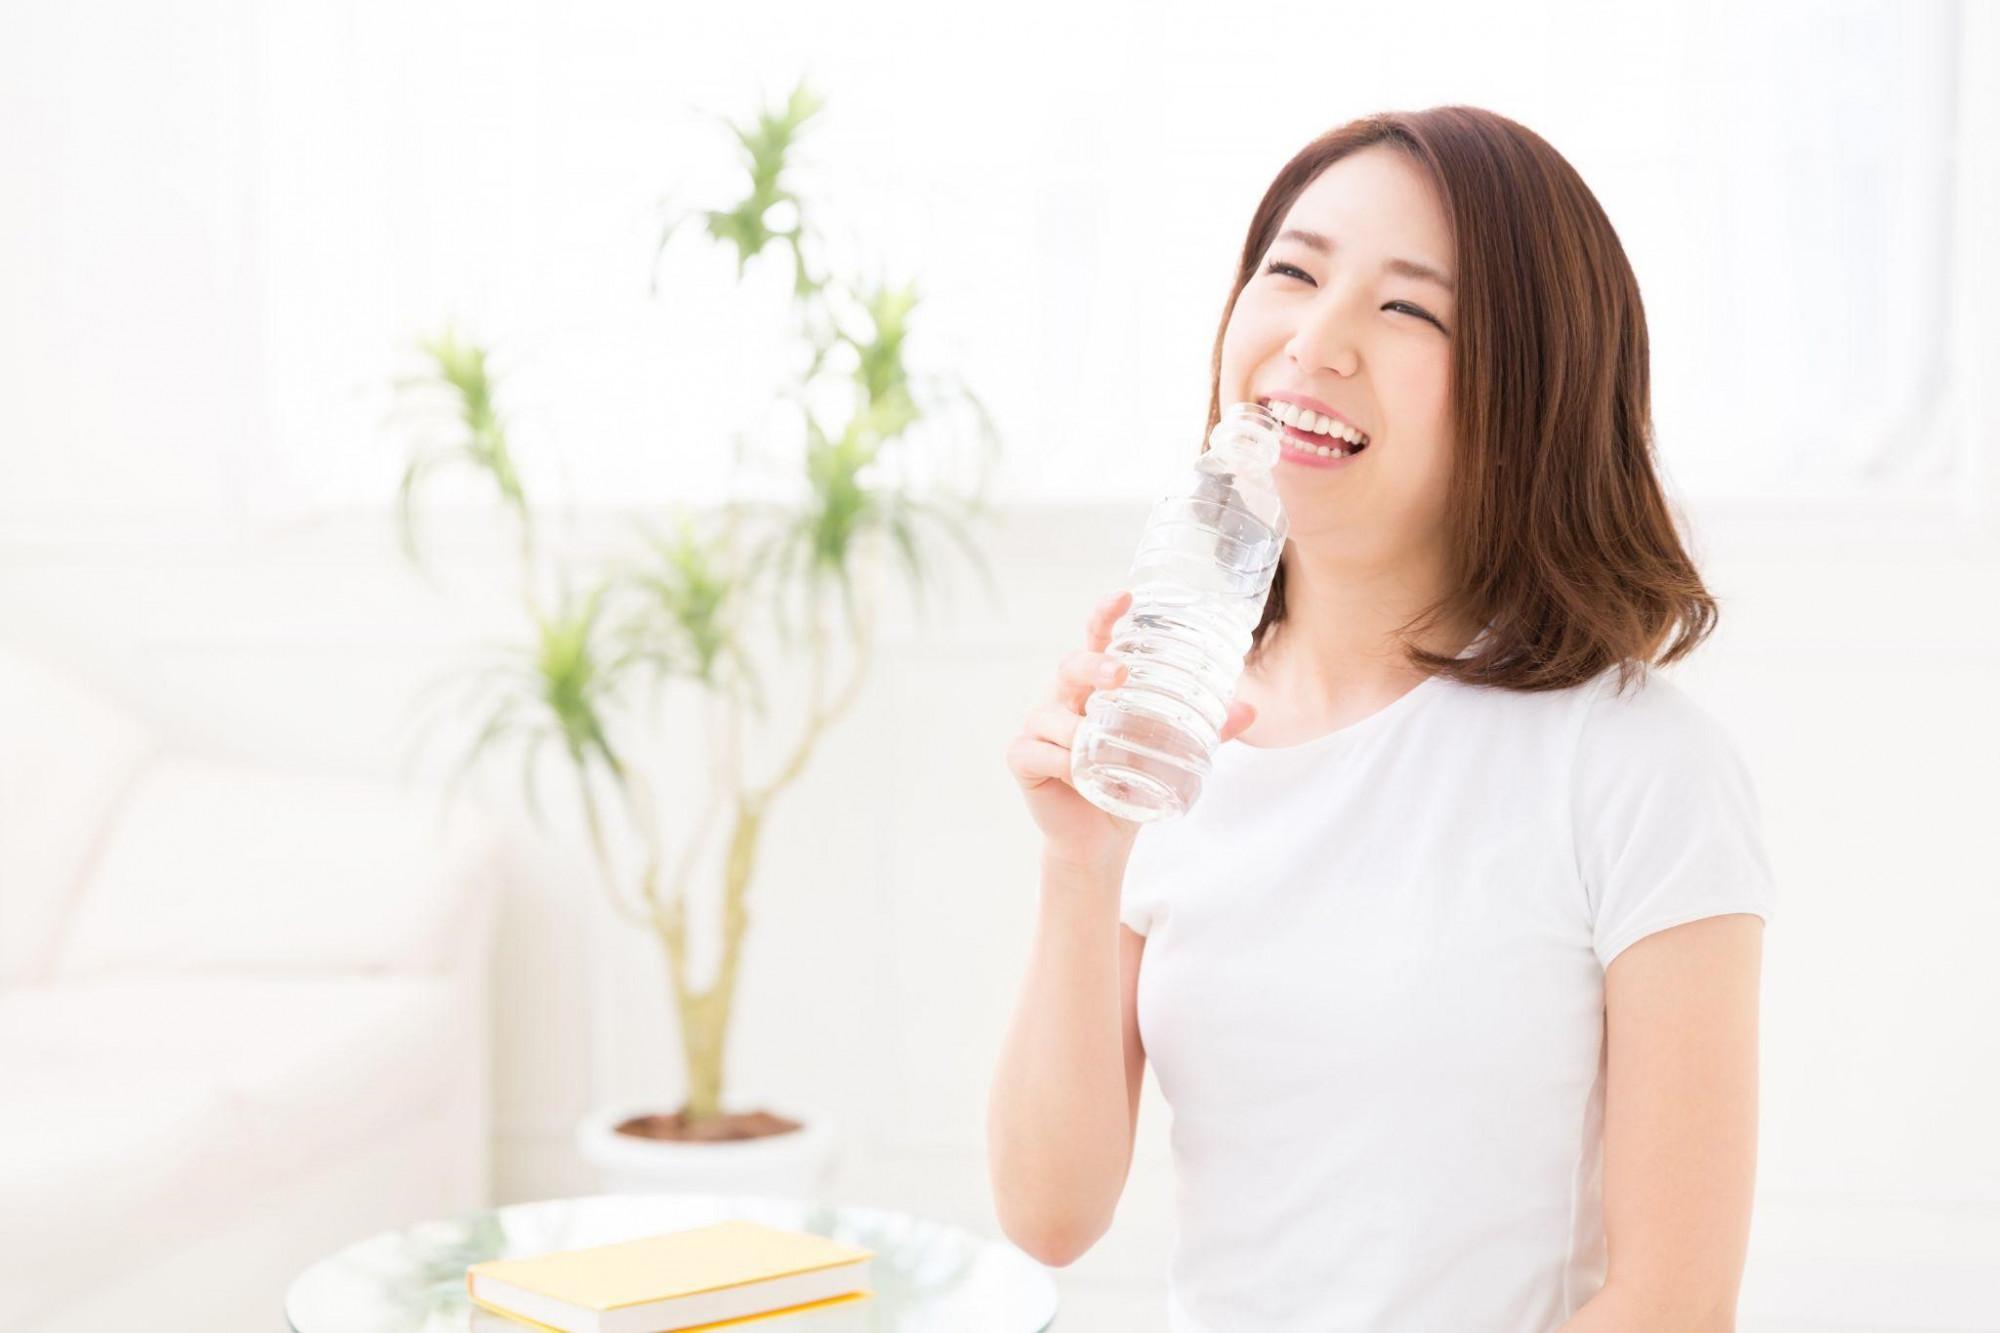 Uống nước đủ và đúng không chỉ giúp cơ thể khỏe mạnh mà còn cải thiện vẻ ngoài thêm rạng rỡ - Ảnh: Shutterstock